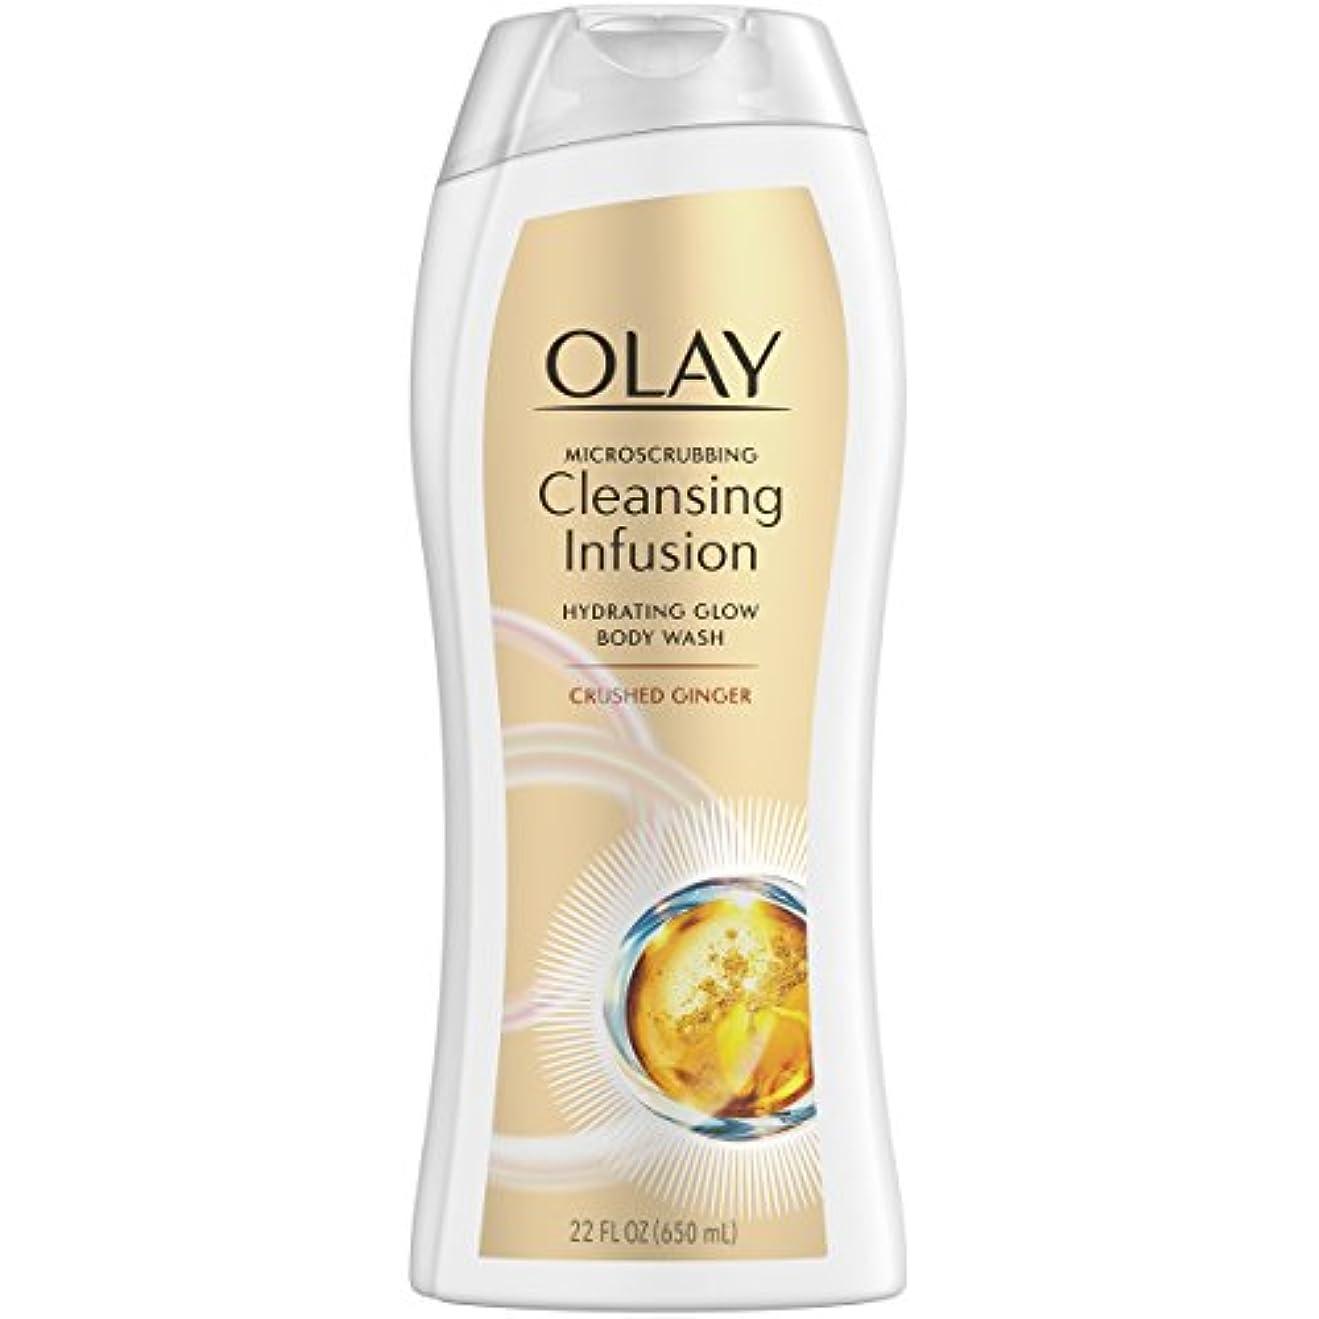 哲学博士広告する歩行者Olay Microscrubbingクレンジング注入ボディウォッシュ、砕石ジンジャー、22オンス